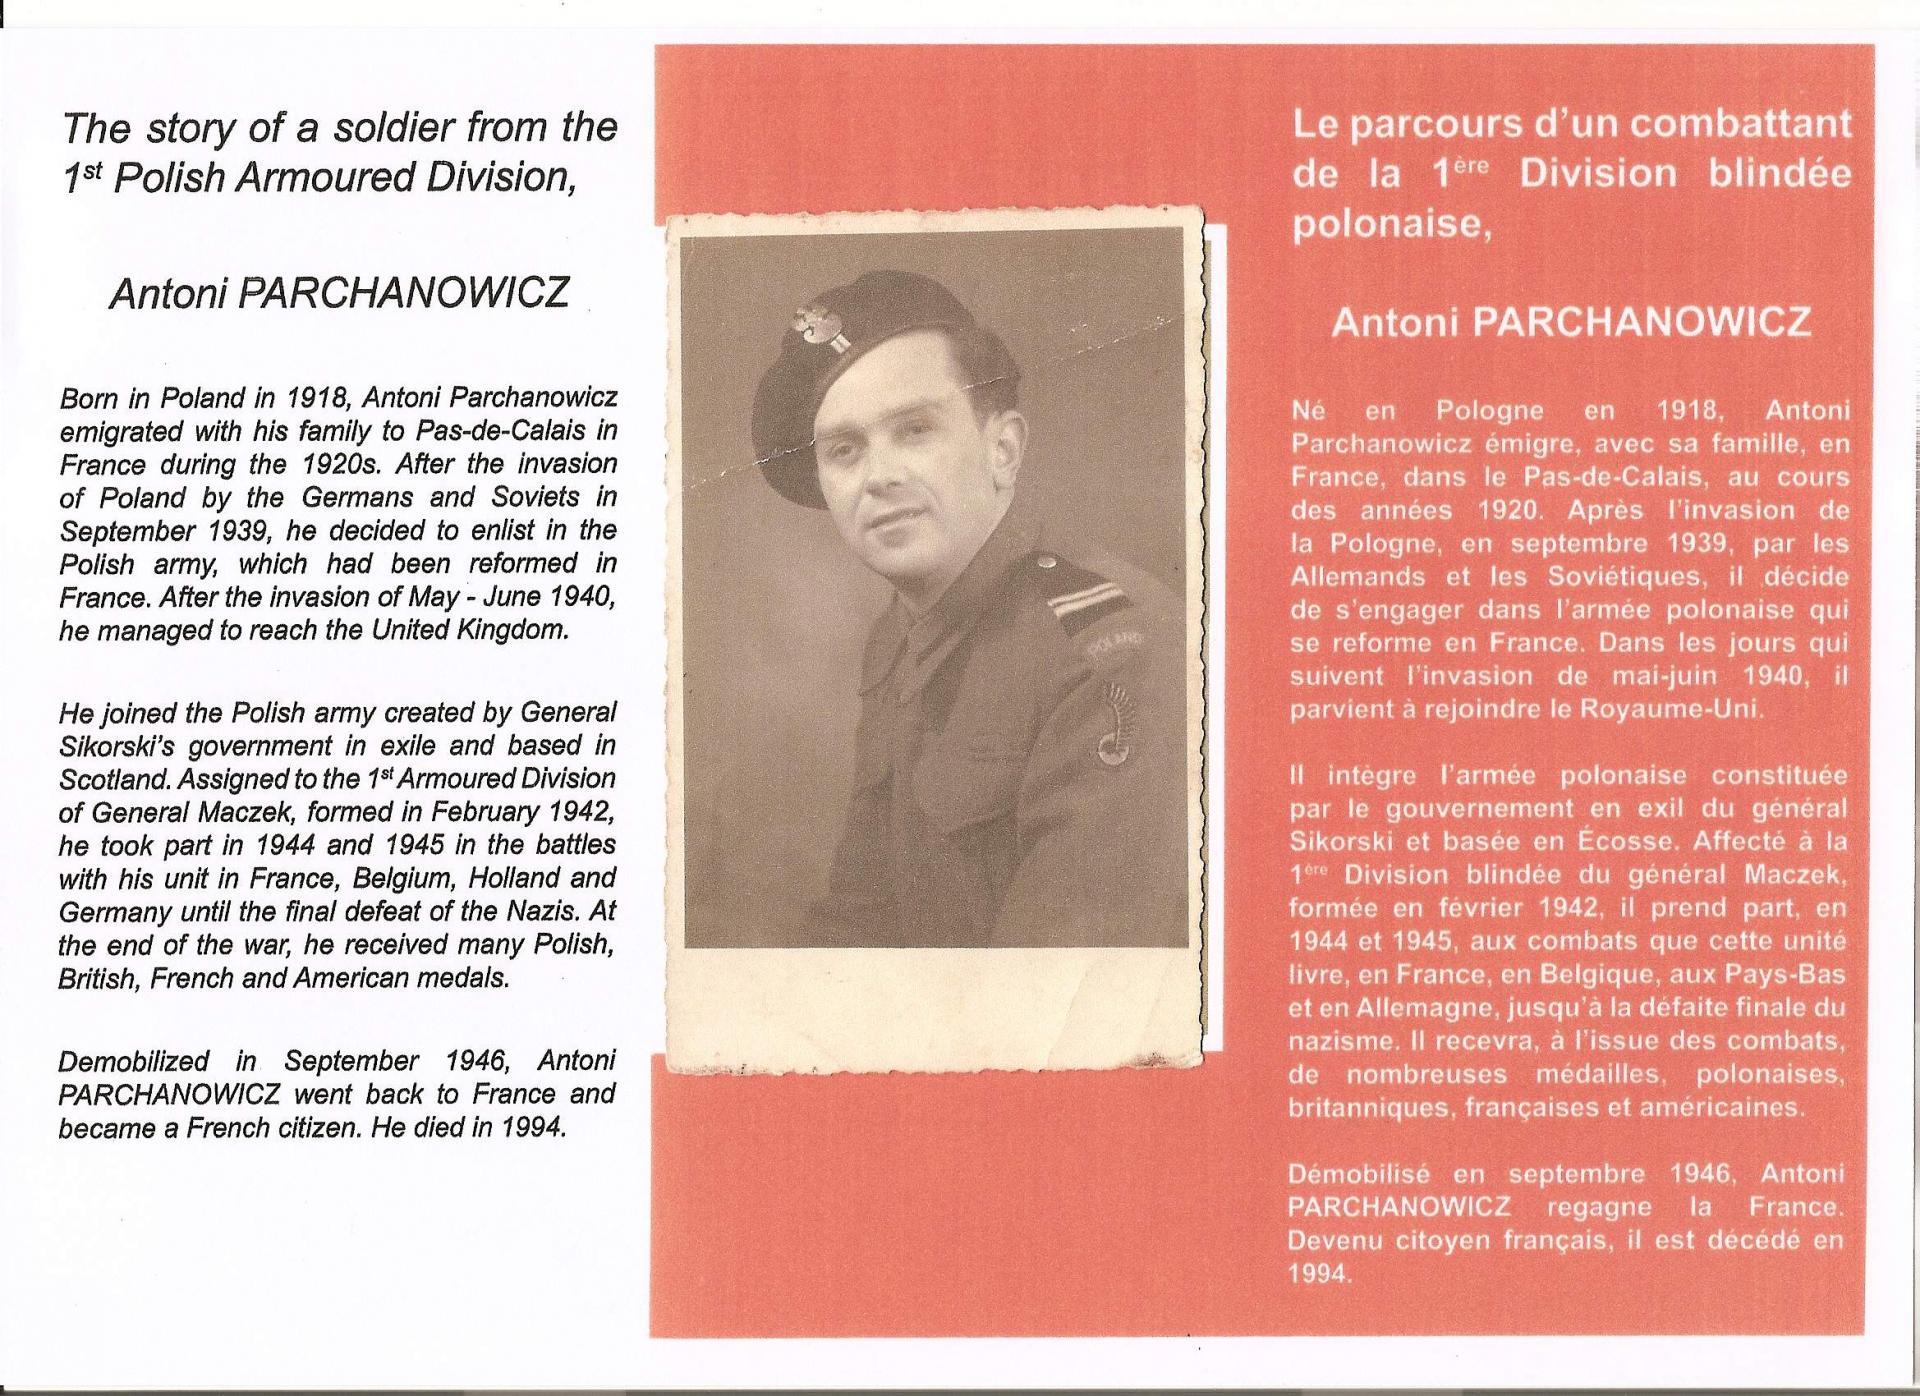 Guerre parcours antony parchanowicz